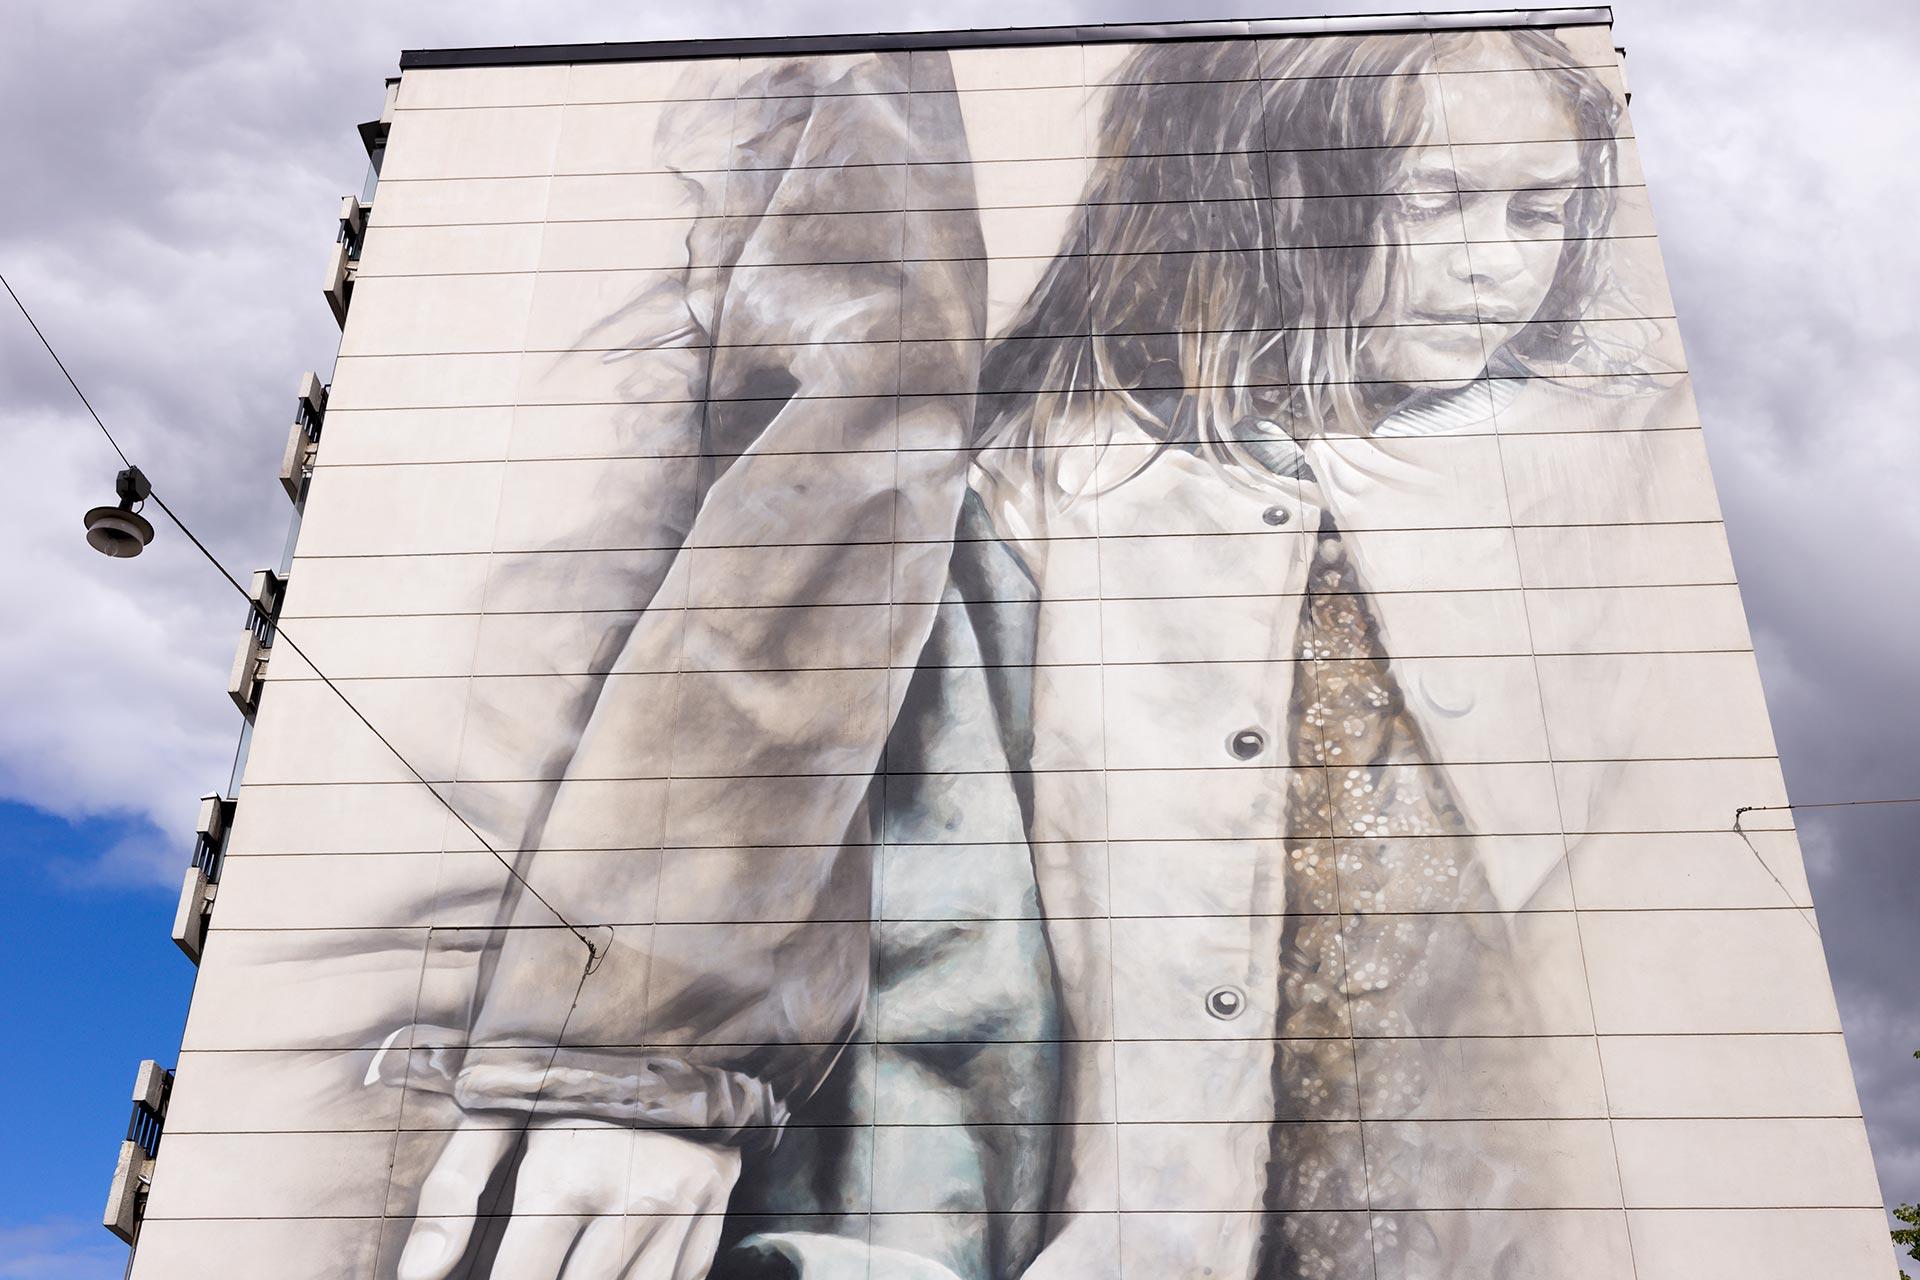 Van Heltenin maalaama muraali Helsingin Vallilassa. © Tuulia Kolehmainen